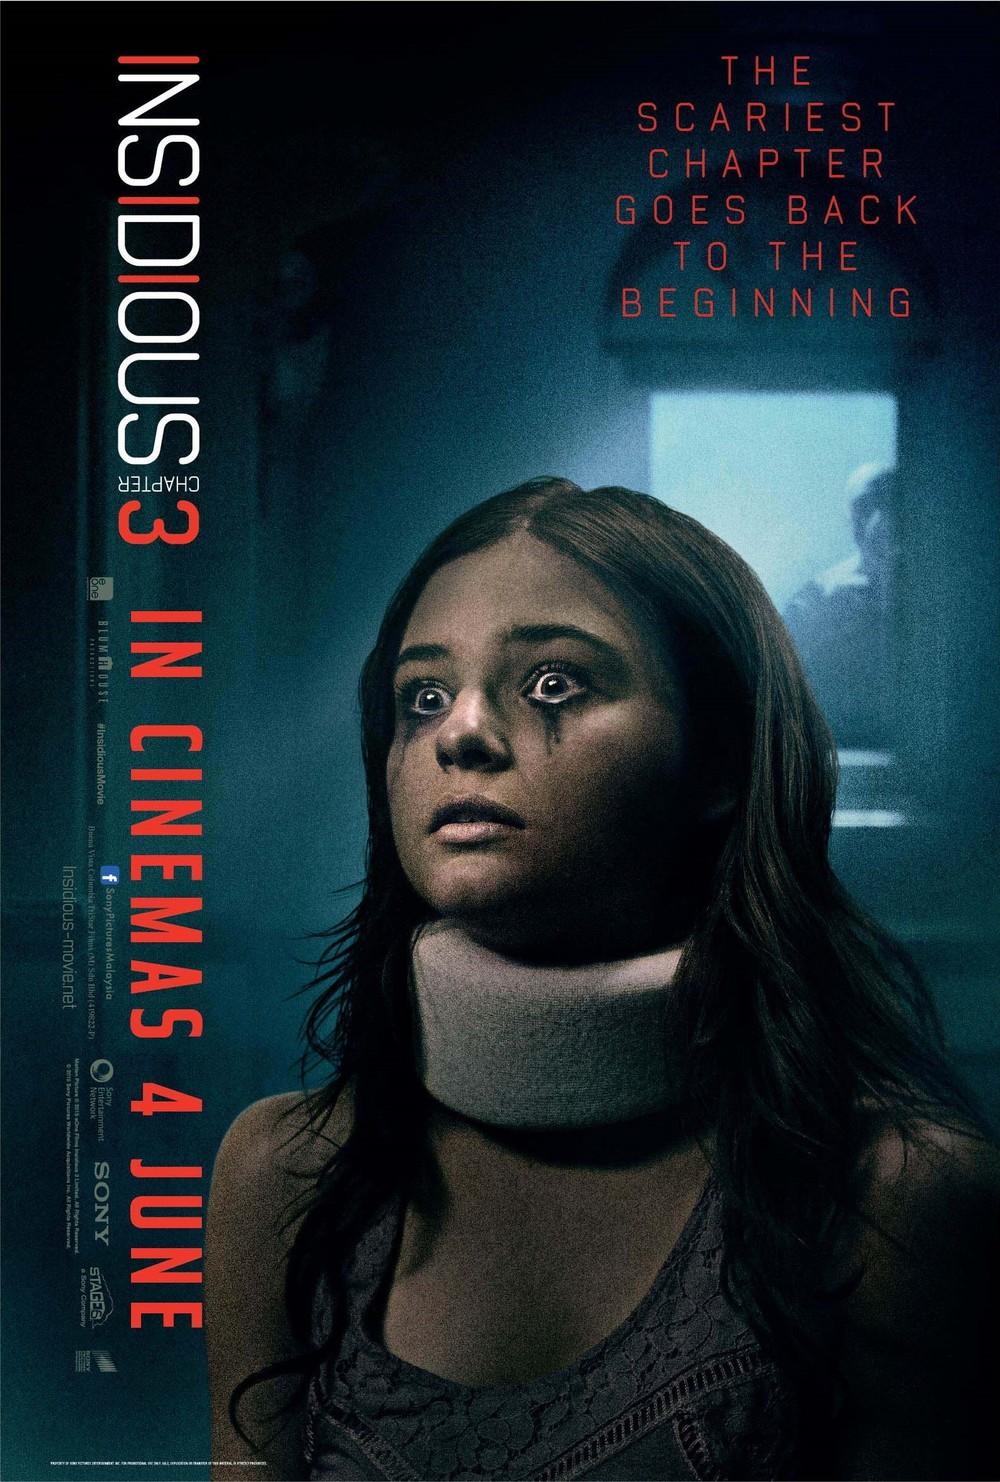 Insidious: Chapter 3 DVD Release Date | Redbox, Netflix ...